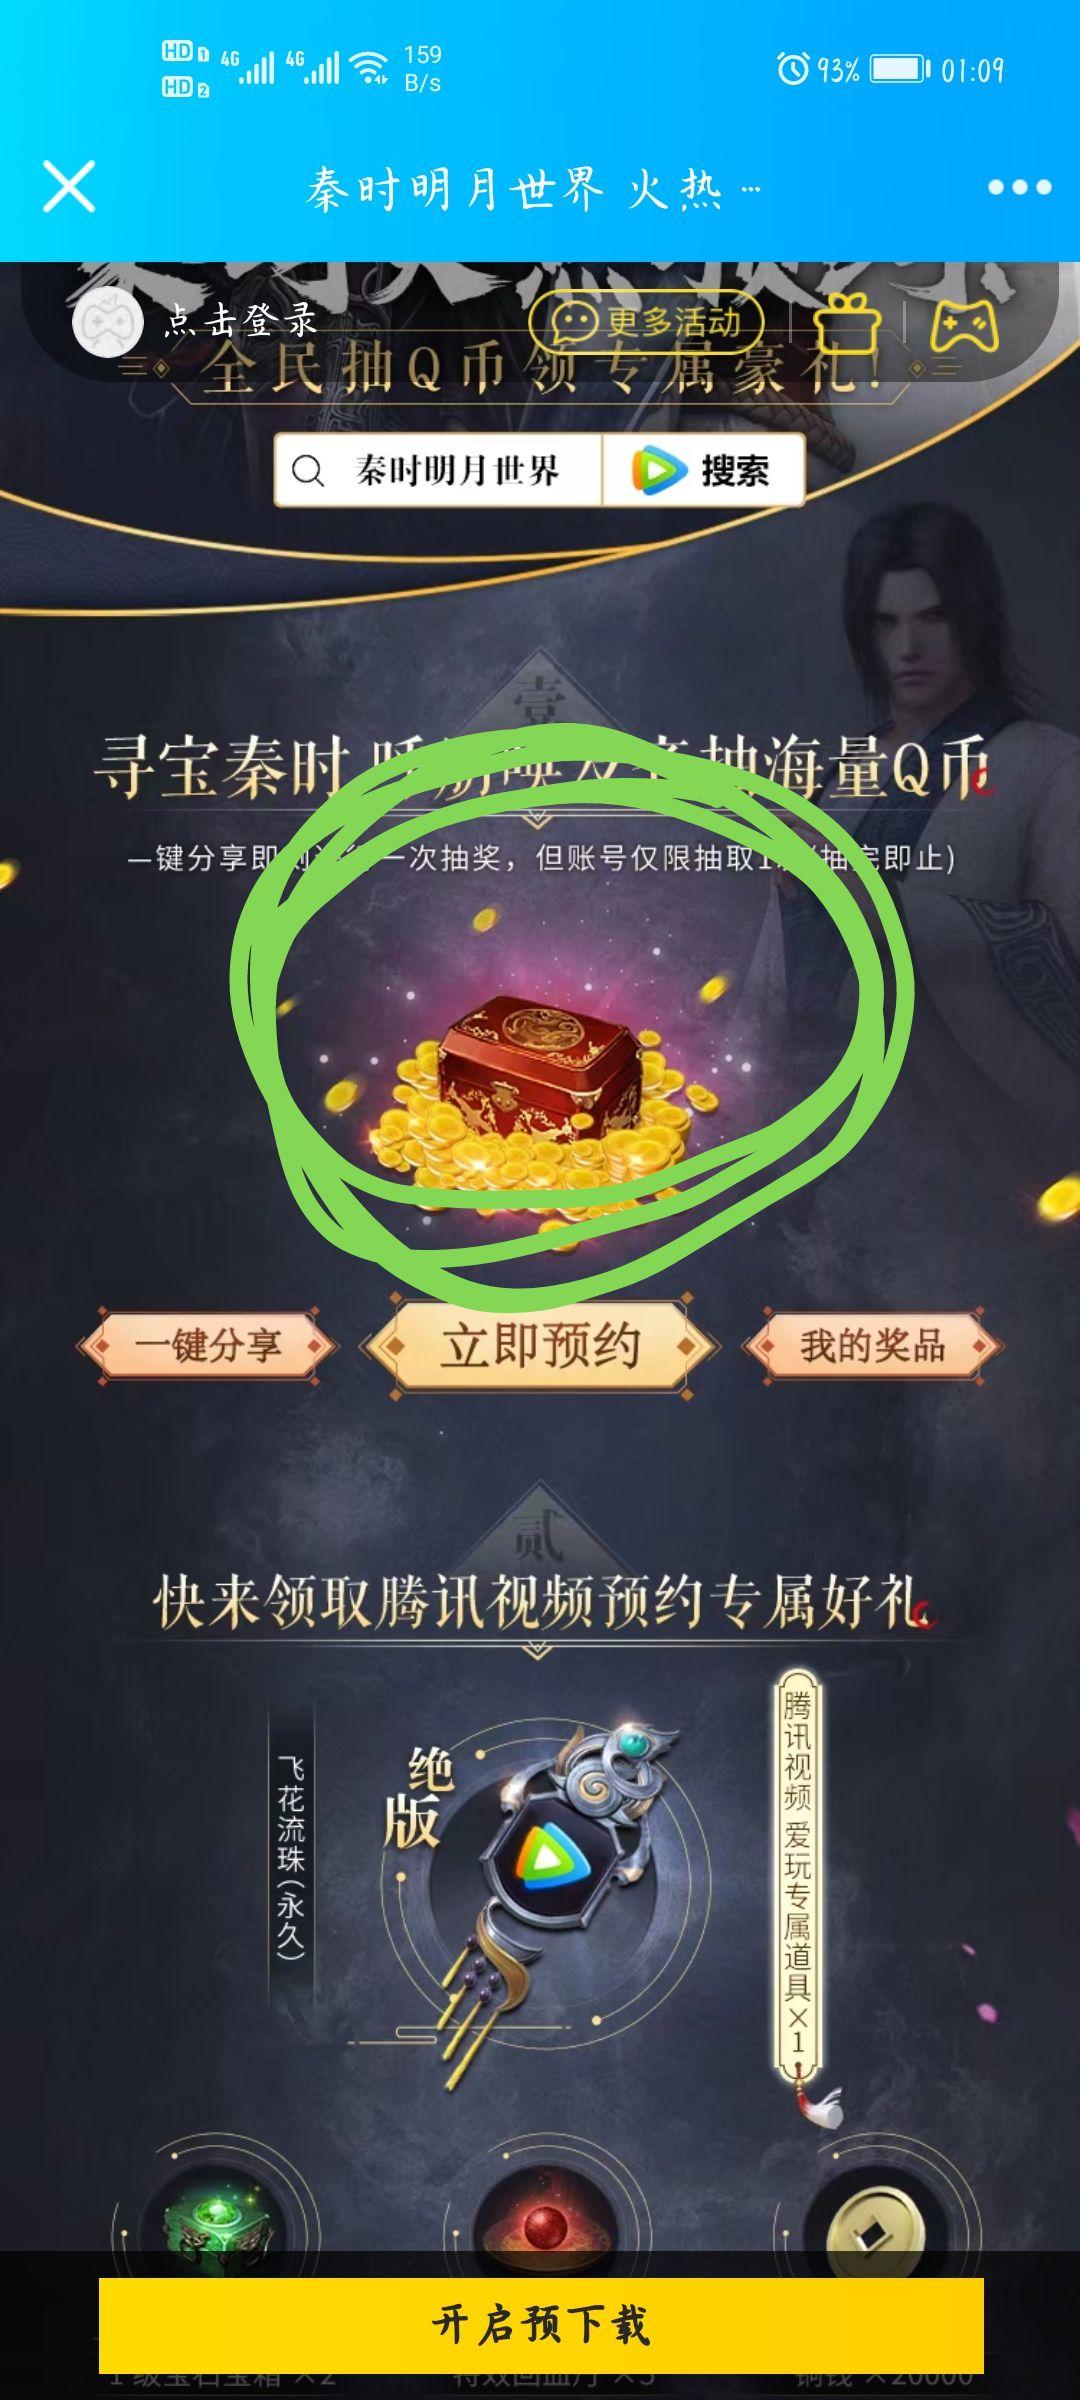 图片[2]-秦时明月预约抽Q币-老友薅羊毛活动线报网